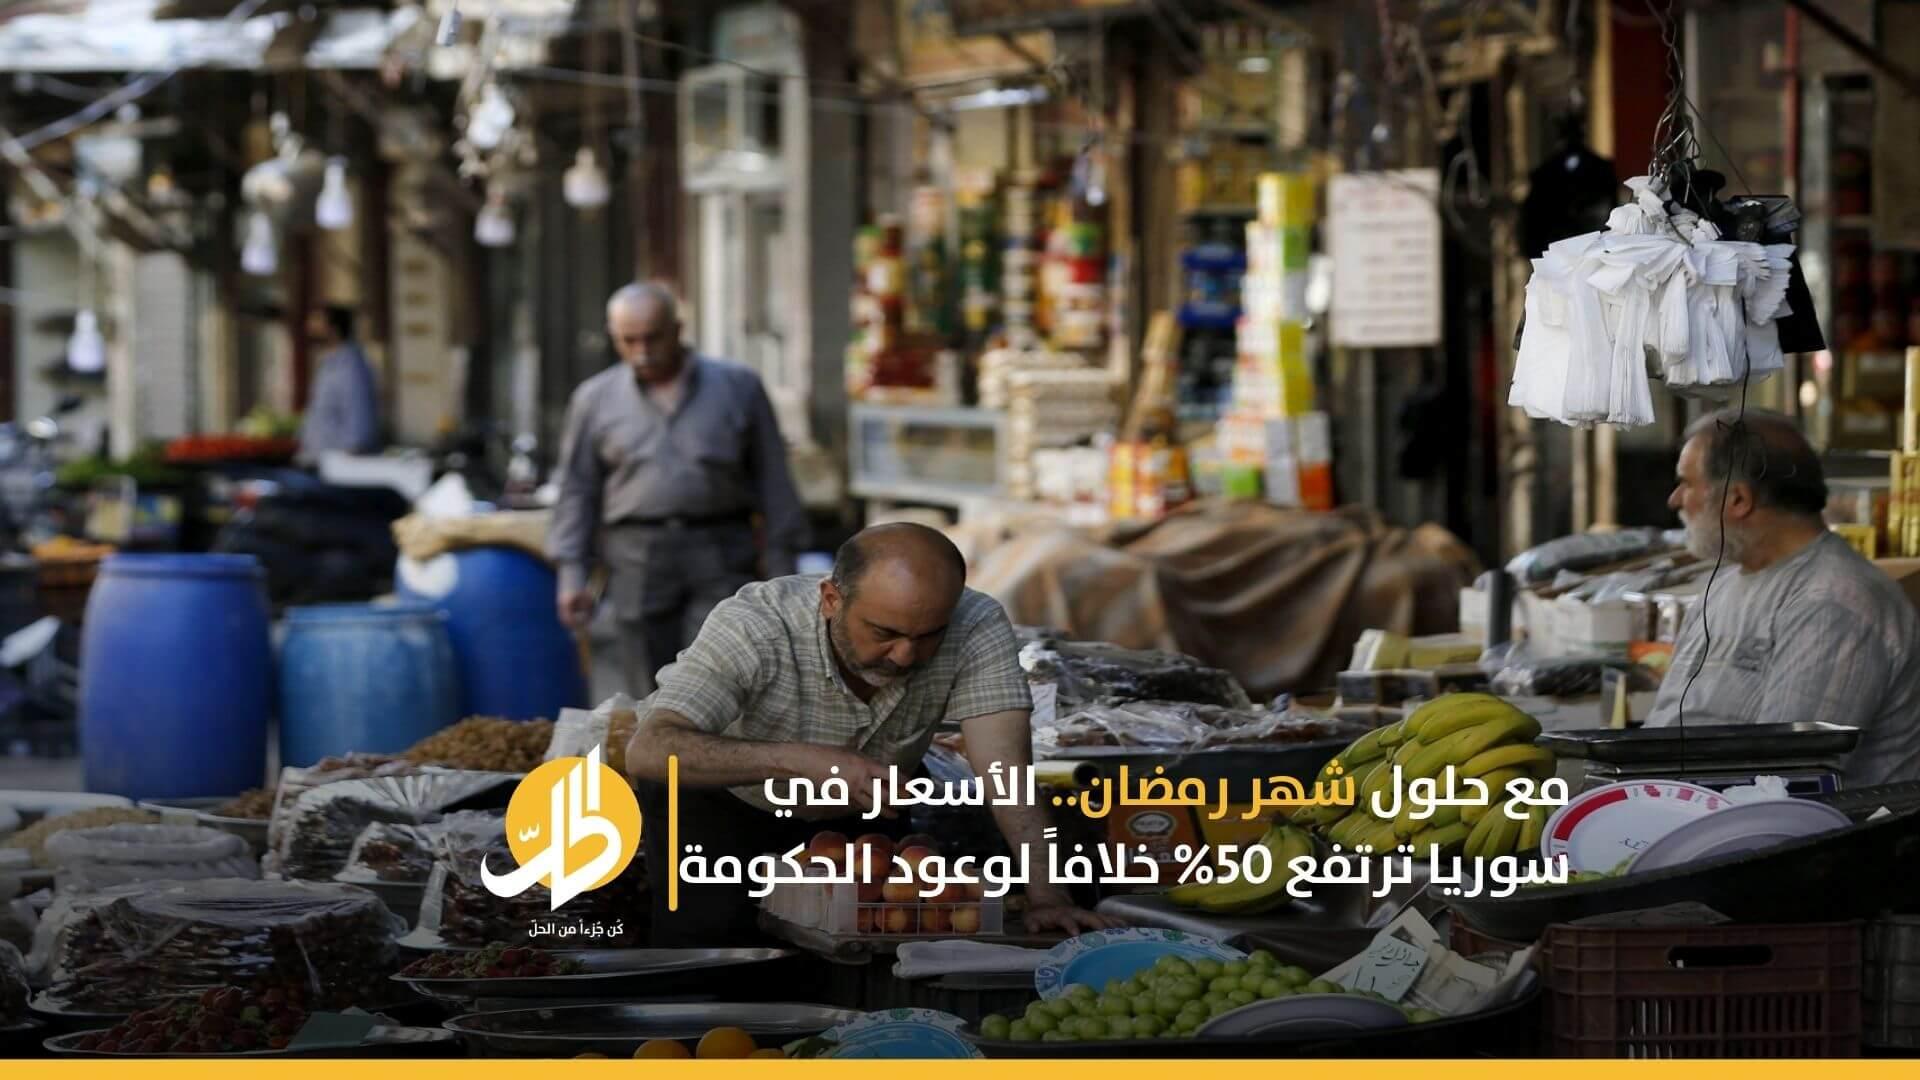 مع حلول رمضان.. الأسعار في سوريا ترتفع 50% خلافاً لوعود الحكومة